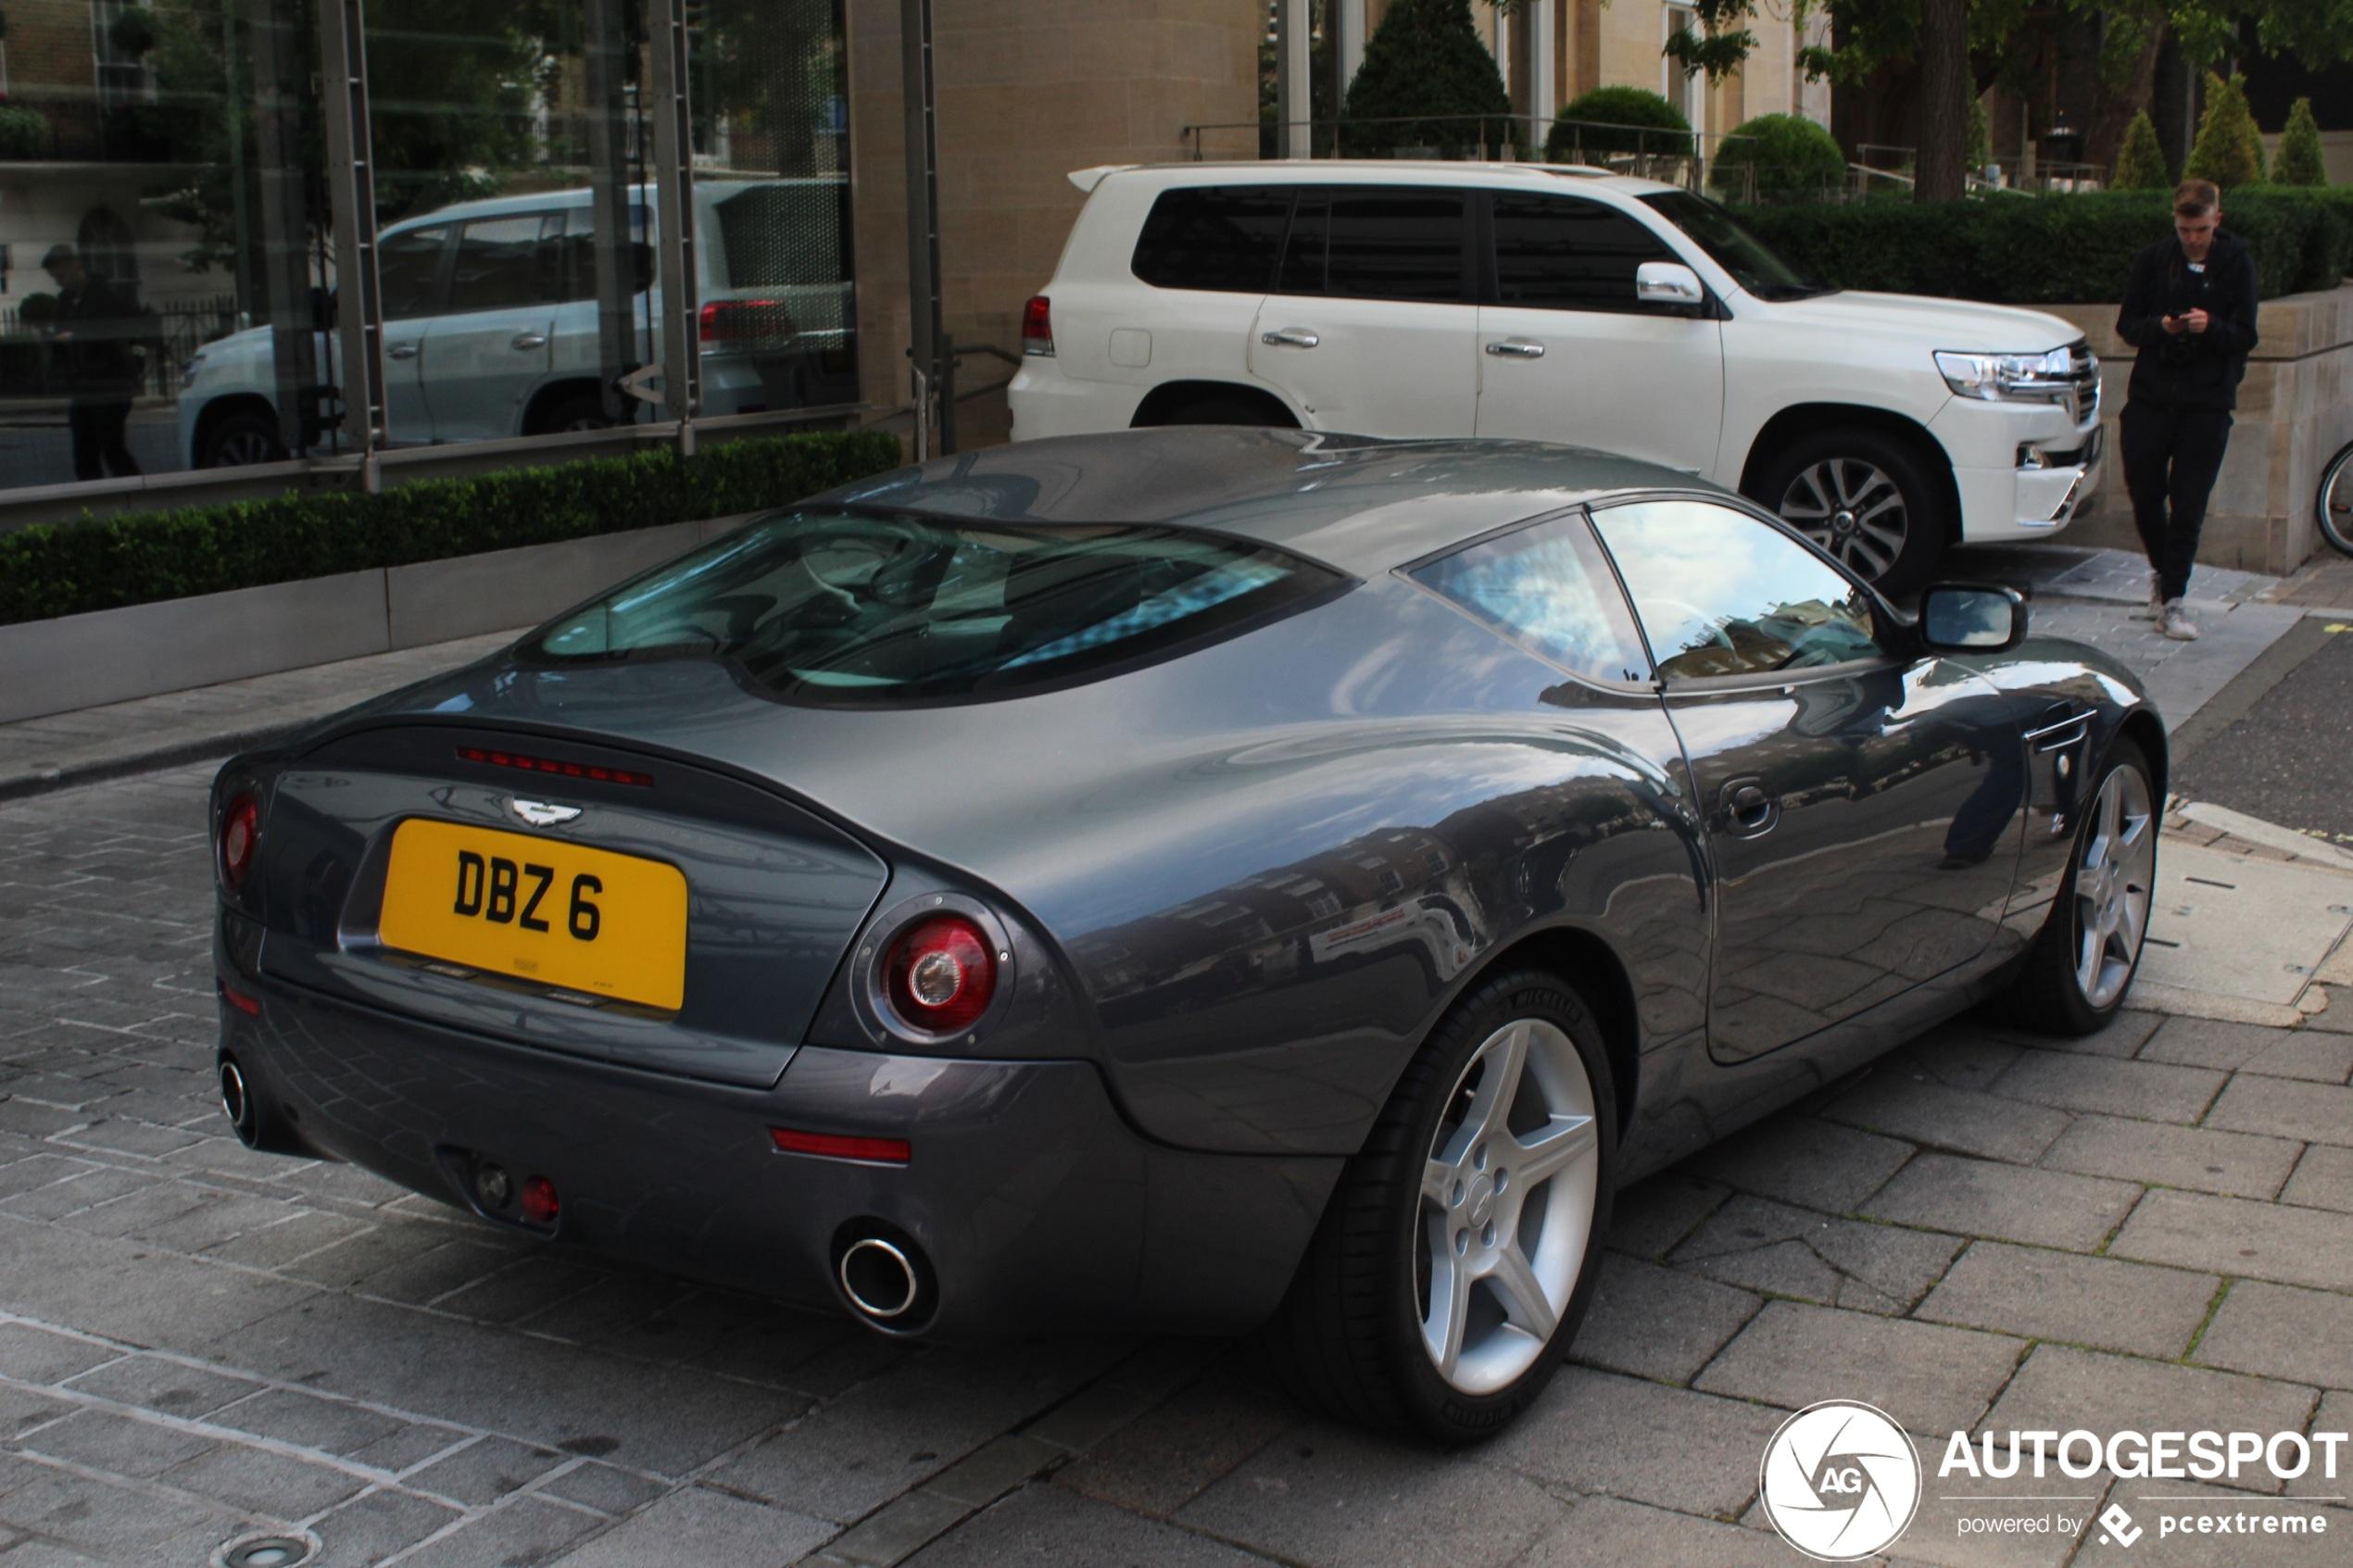 Aston Martin Db7 Zagato 14 January 2020 Autogespot